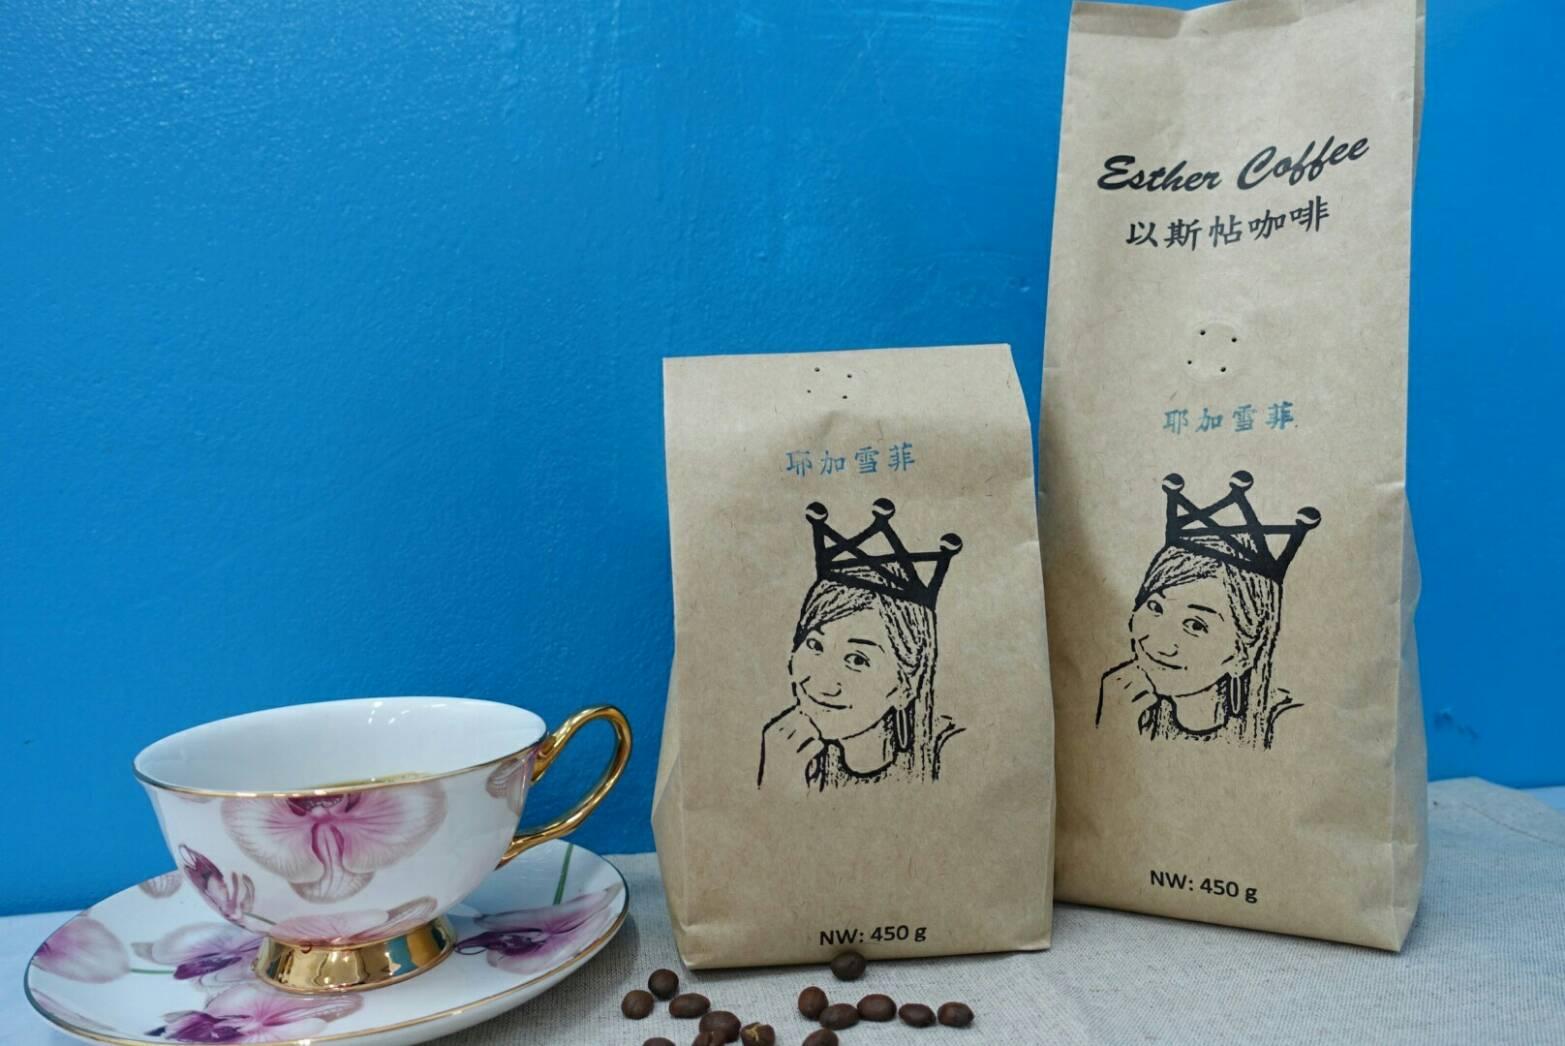 【以斯帖咖啡】耶加雪菲G1-衣索比亞產區-咖啡豆-店長強力推薦單品(半磅)